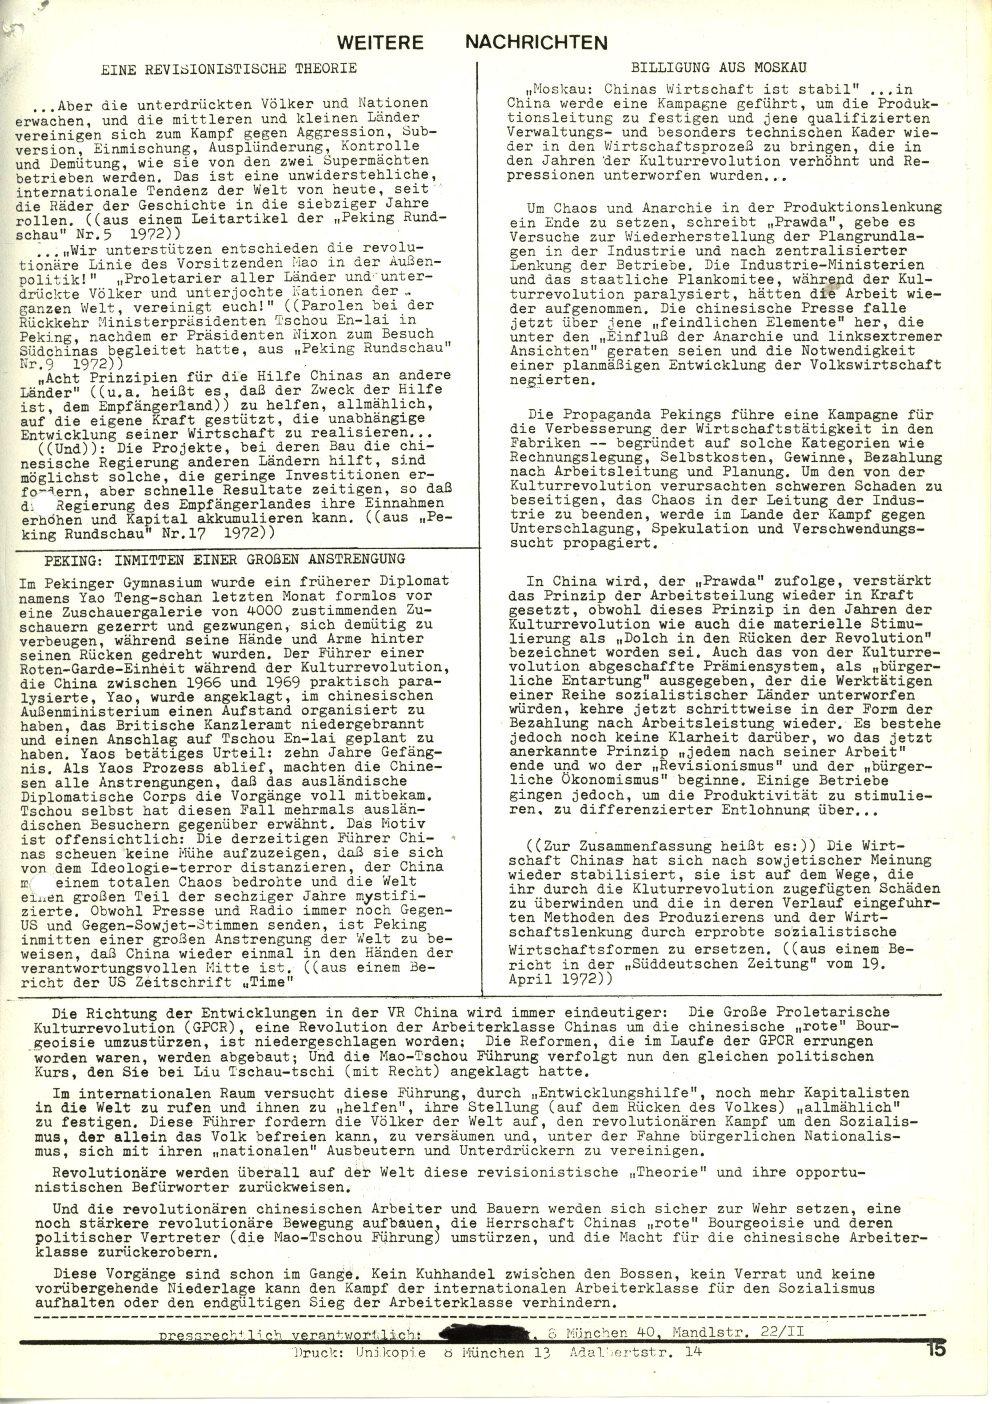 Muenchen_1972_Offener_Brief_an_die_KPDML_15